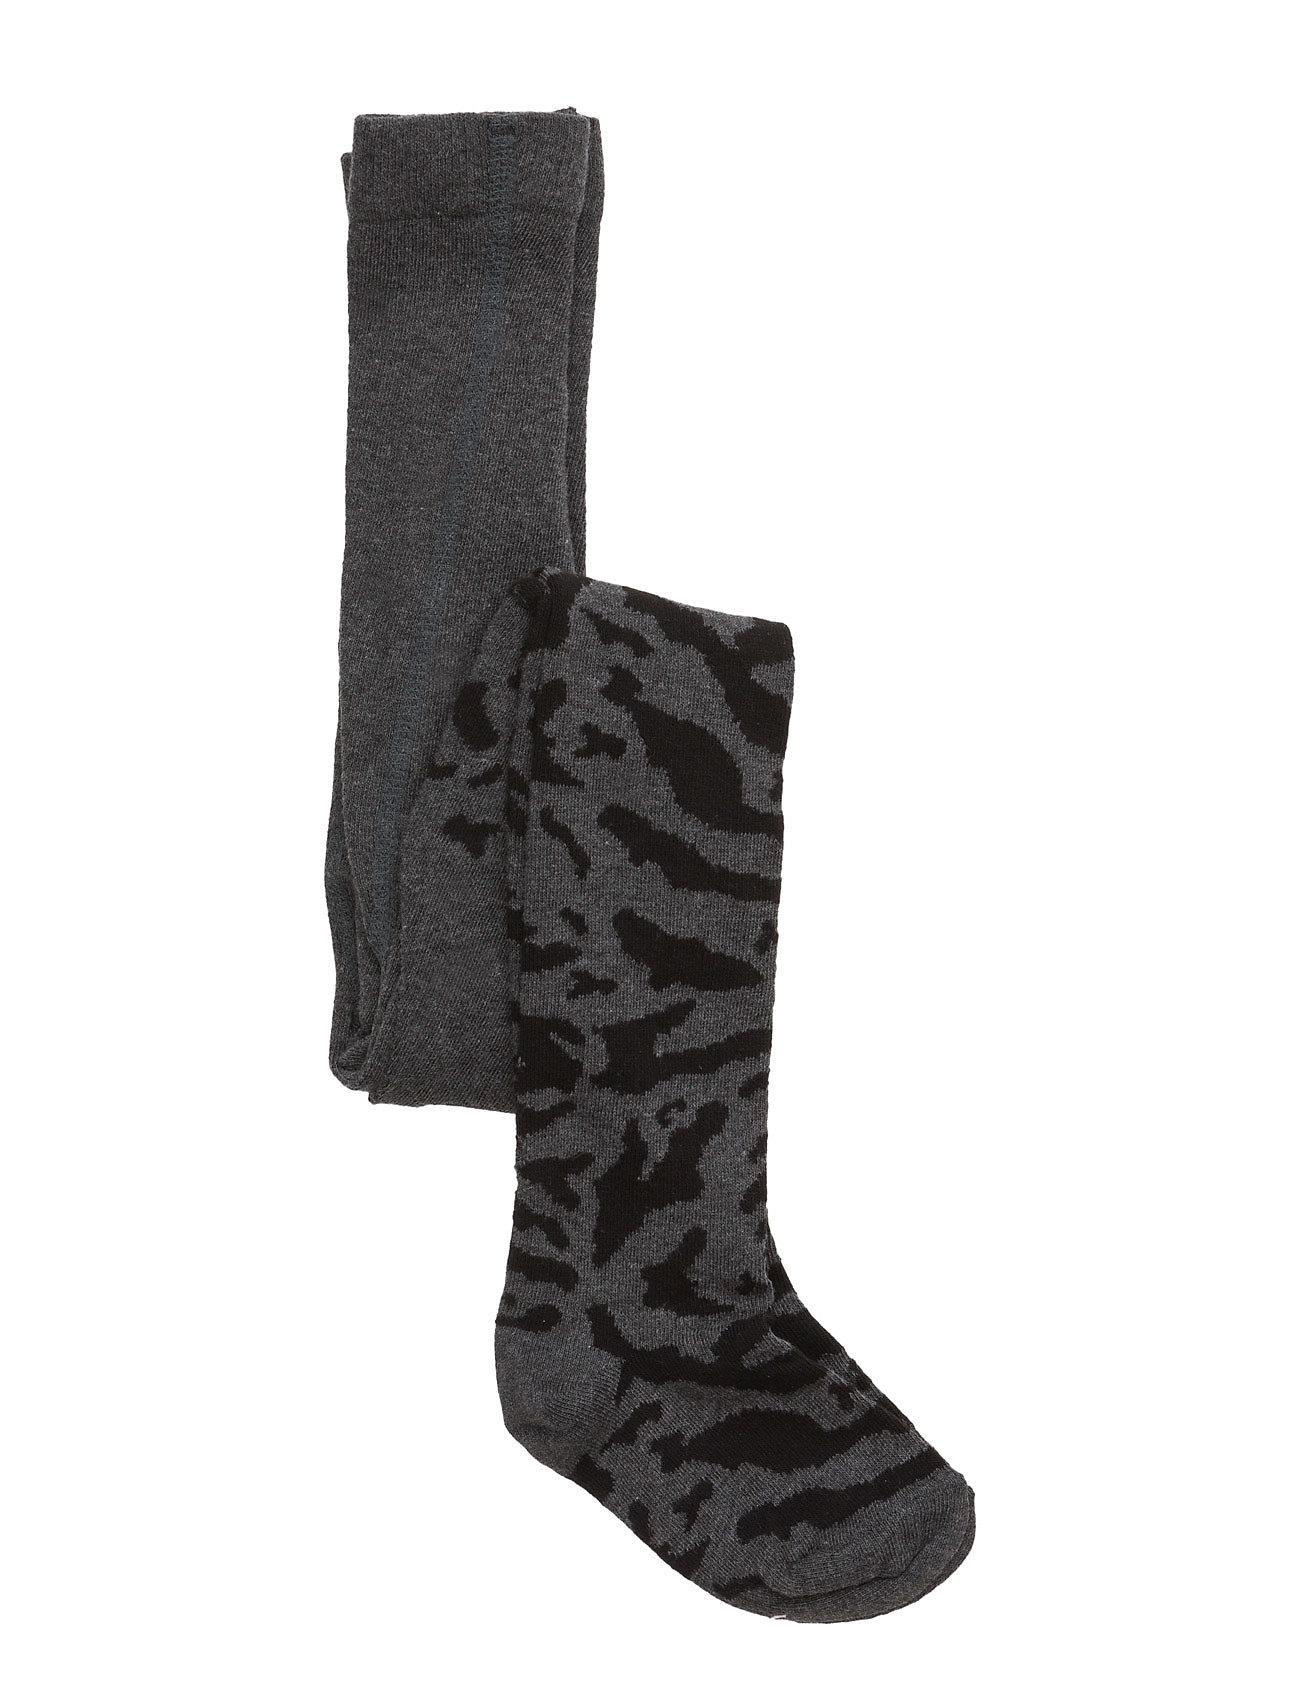 Stockings Zebra Black / Grey Popupshop Strømper & Strømpebukser til Børn i